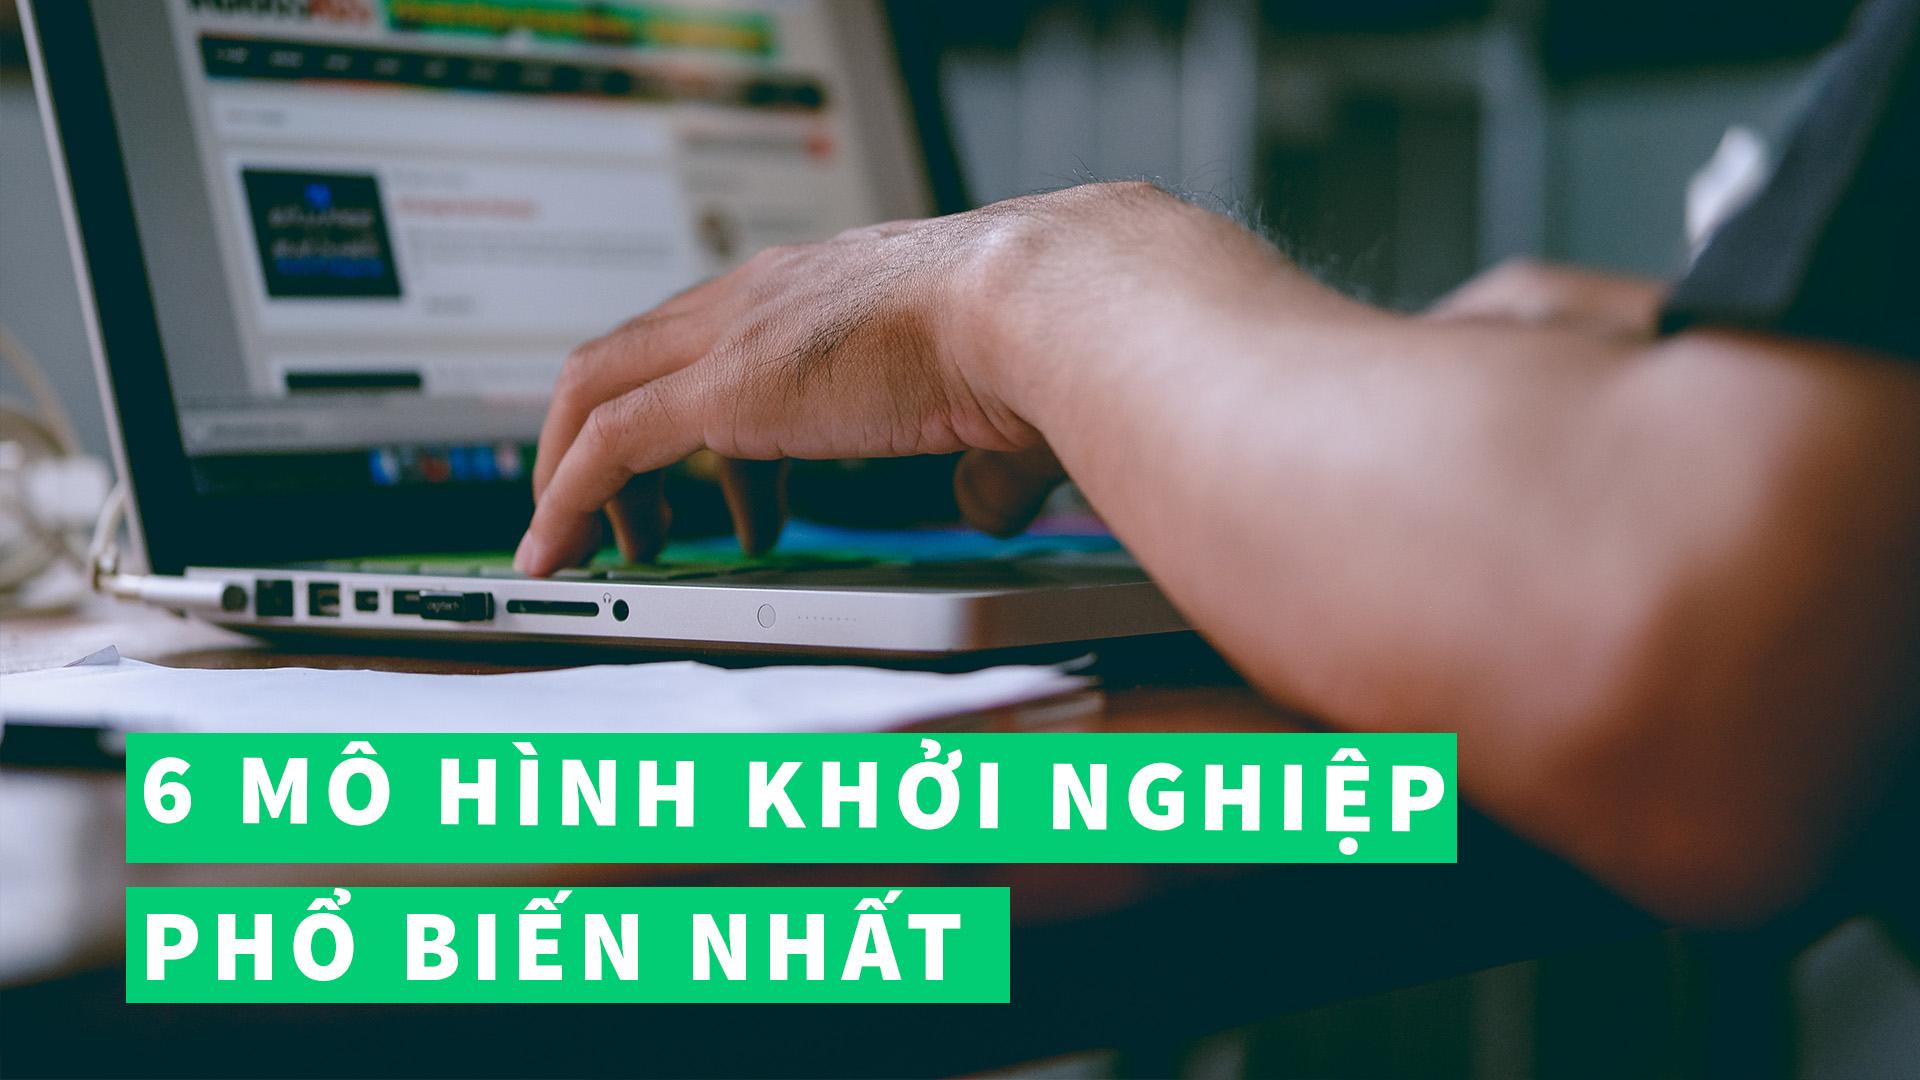 6 Mô Hình Khởi Nghiệp Phổ Biến Nhất Dành Cho Start-Up?